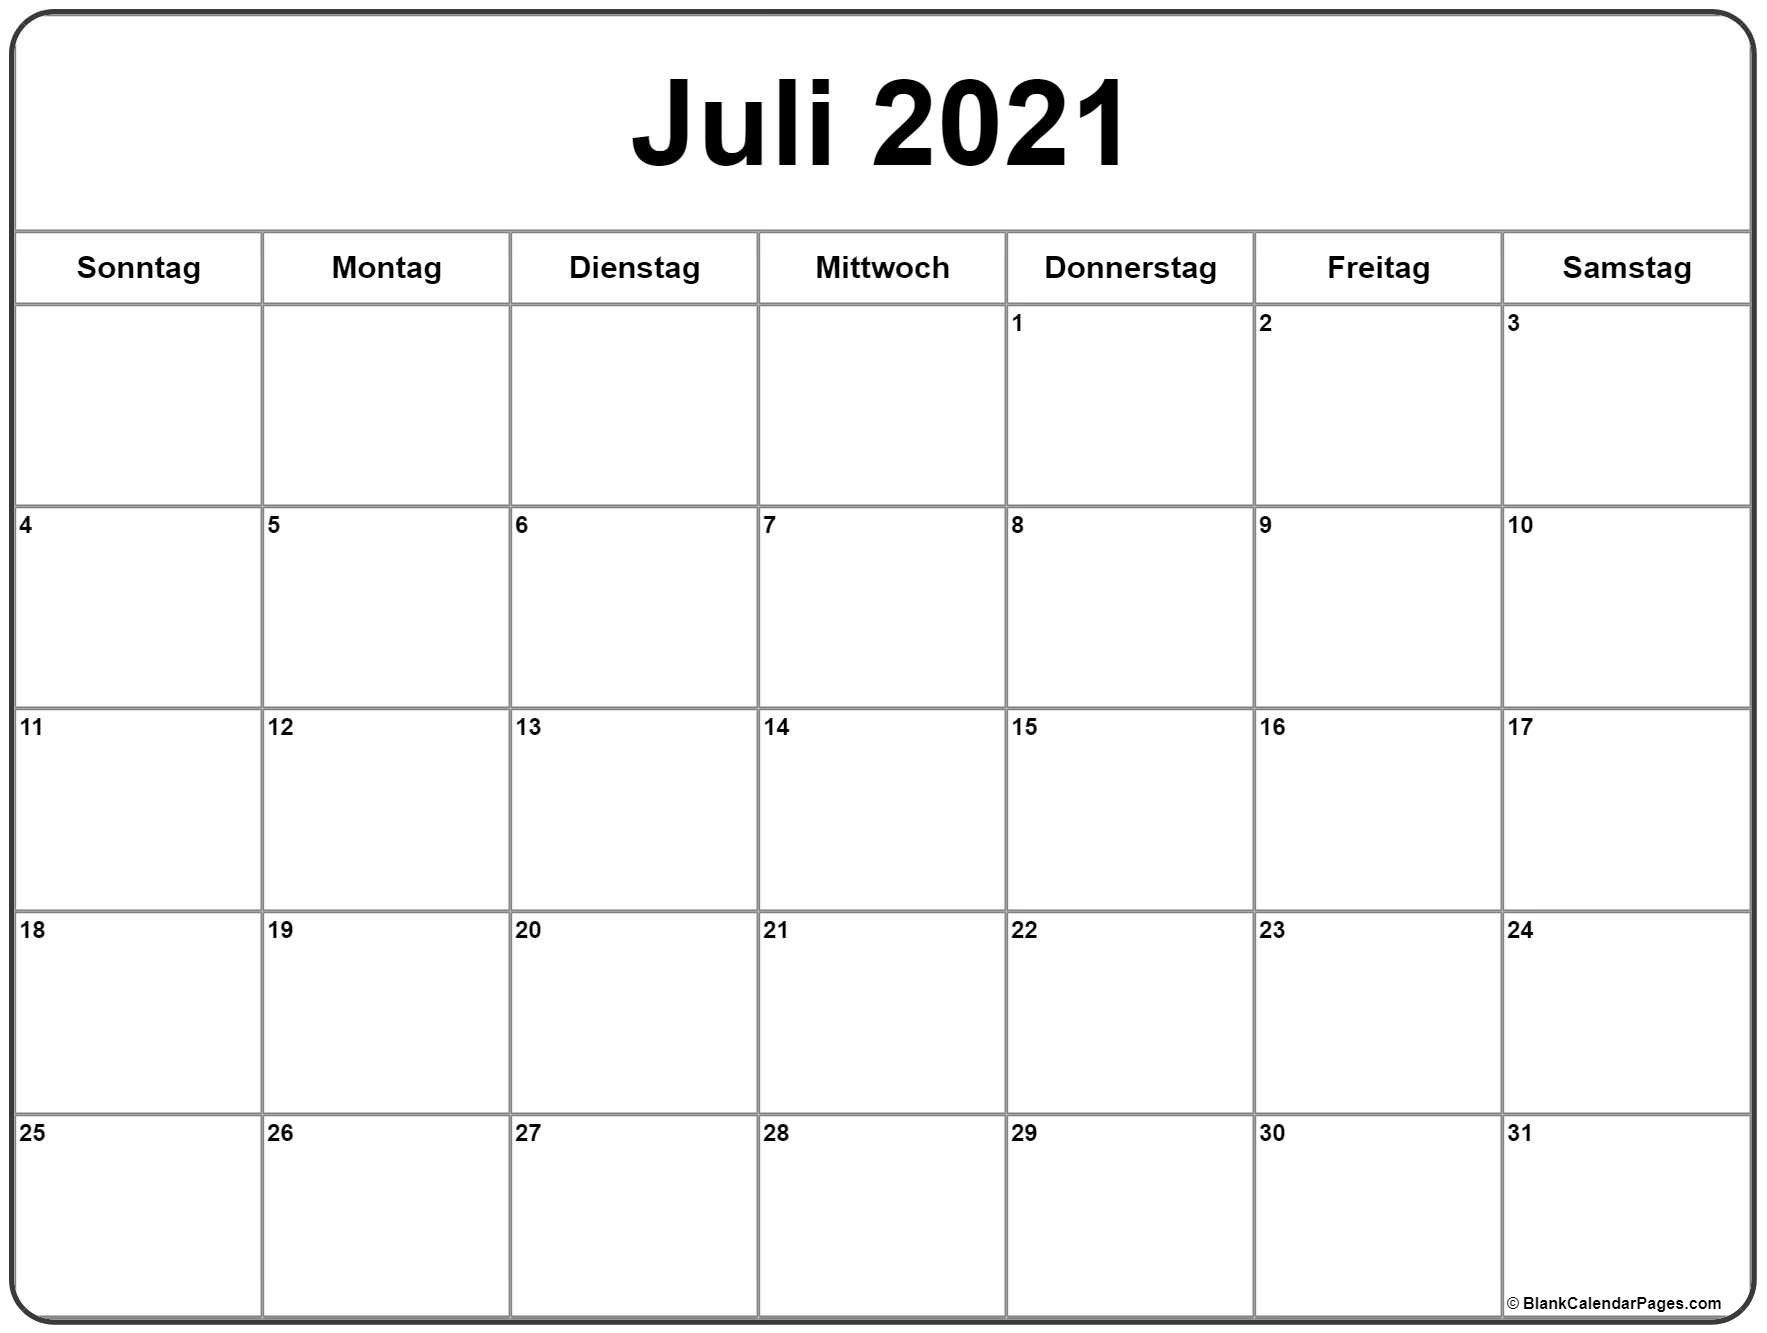 Get Kalender Juli 2021